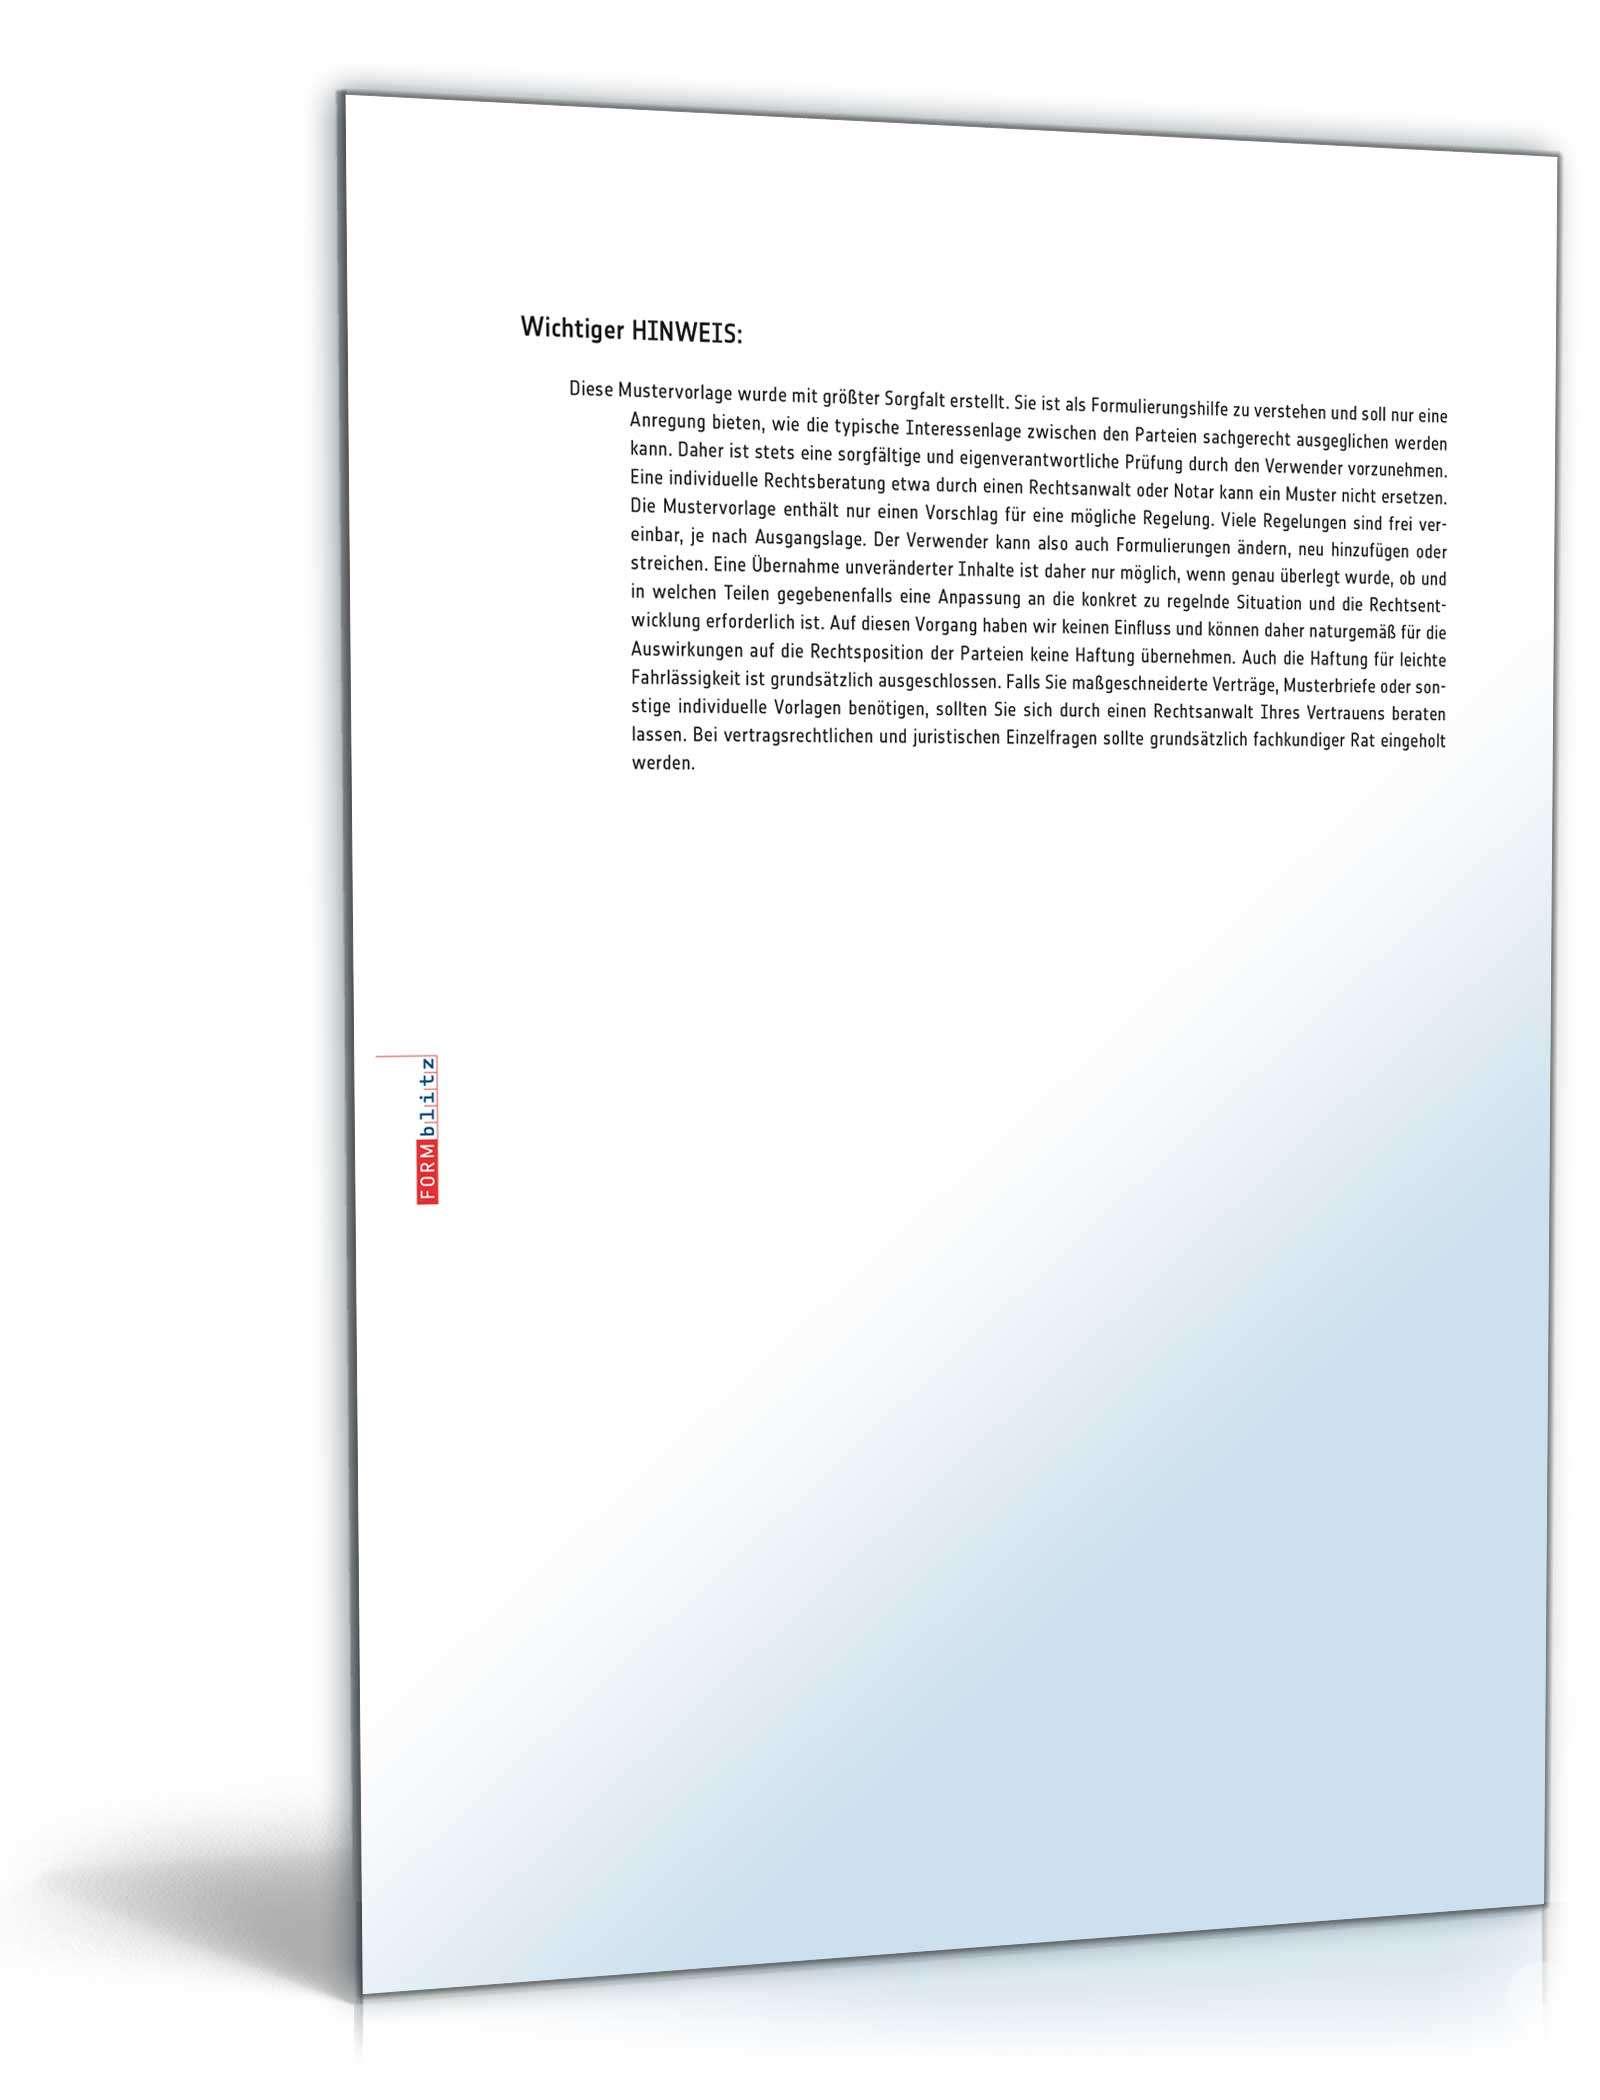 Widerspruch Gegen Teilweise Erstattung Durch Pkv Muster Zum Download